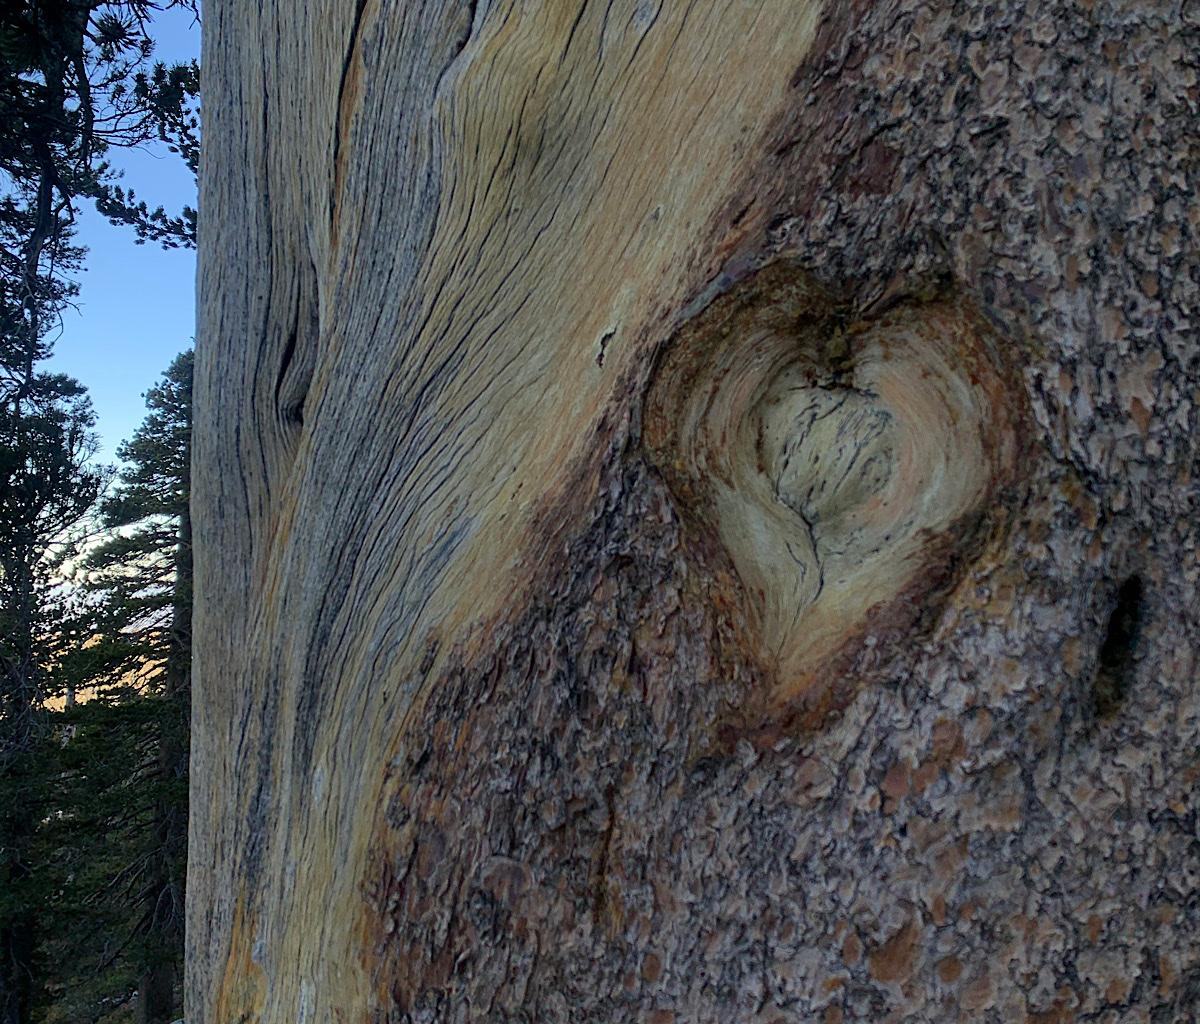 Limber pine heart.